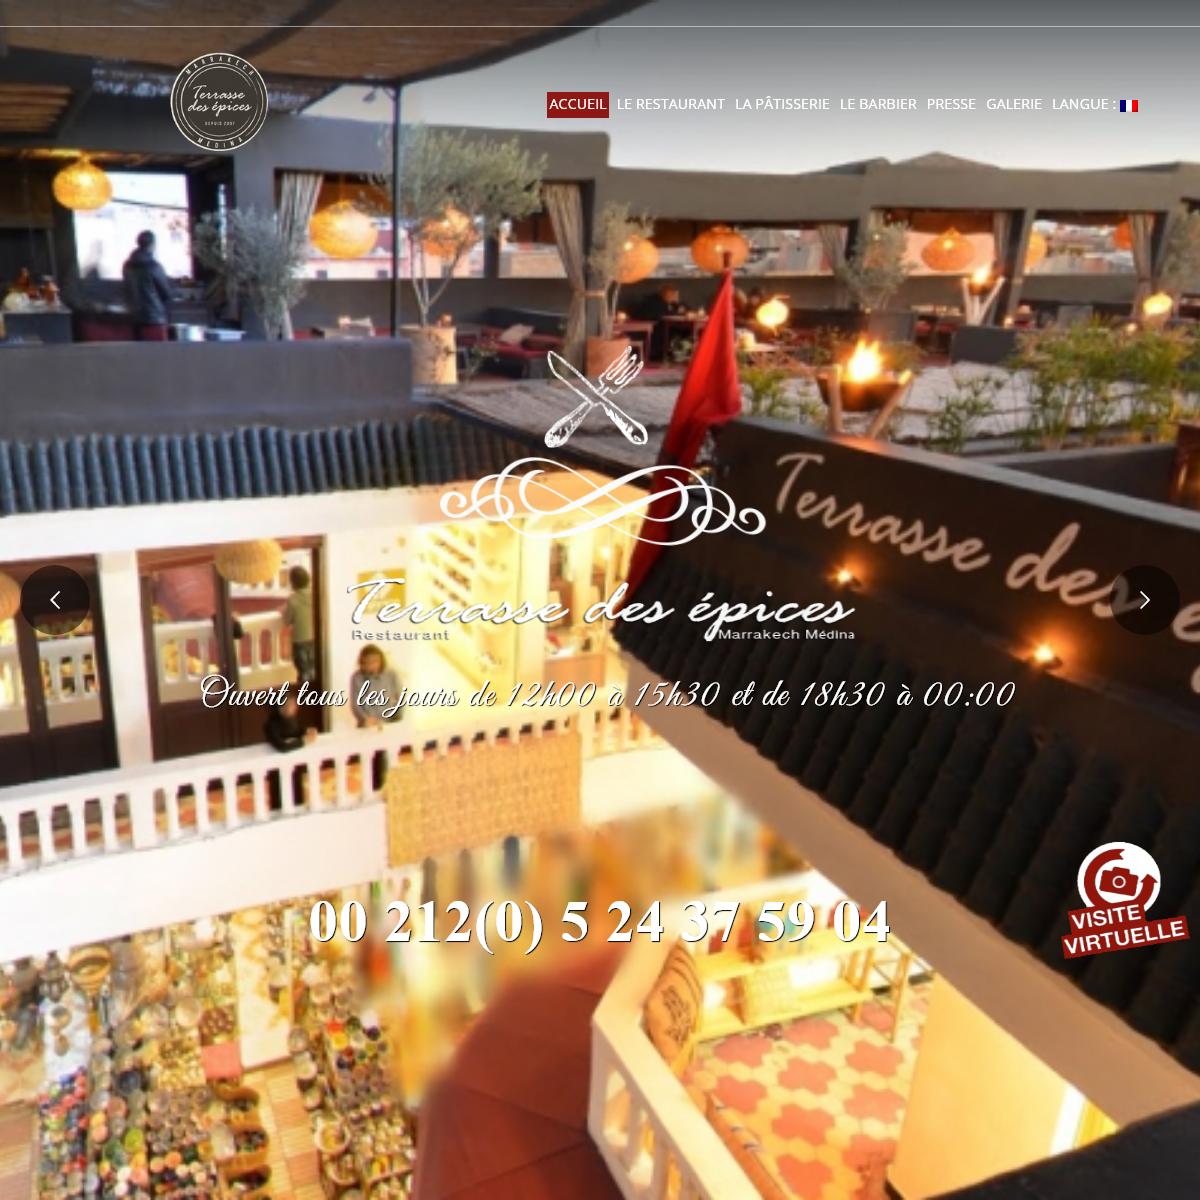 Terrasse des épices Marrakech Medina – Meilleur Restaurants Marrakech Medina